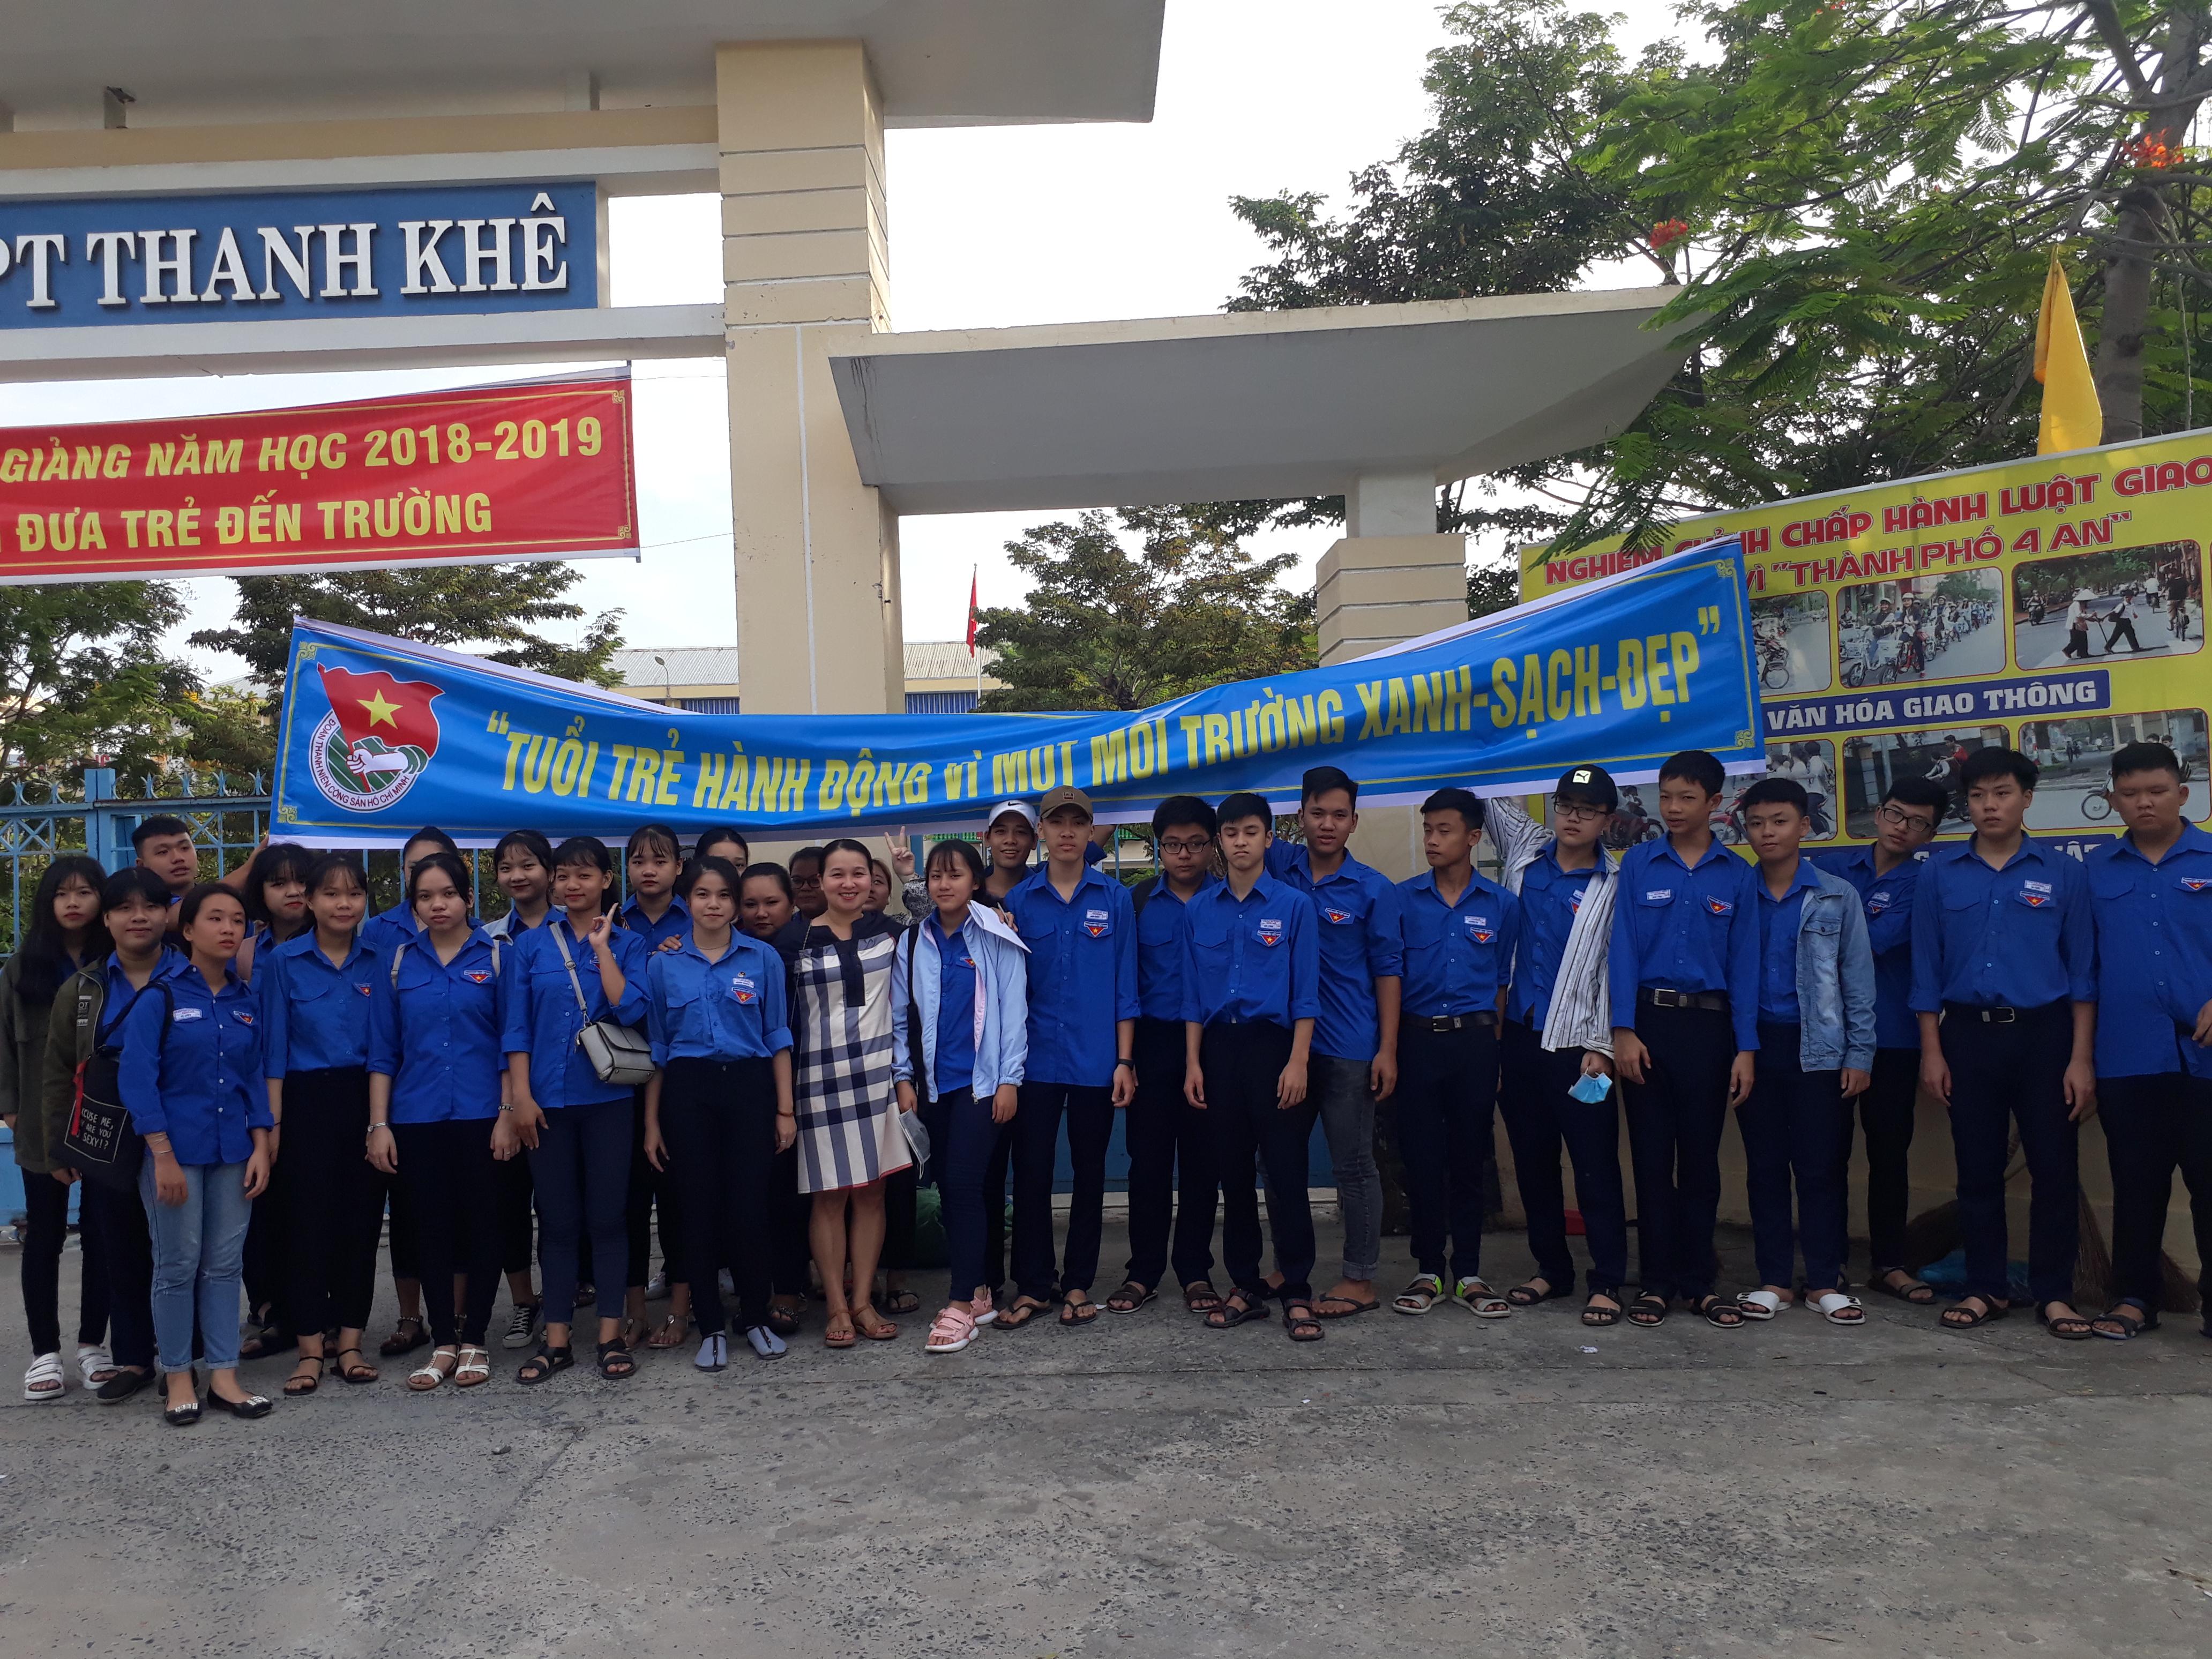 Tuổi trẻ Thanh Khê đồng loạt ra quân xóa quảng cáo rao vặt trên địa bàn quận